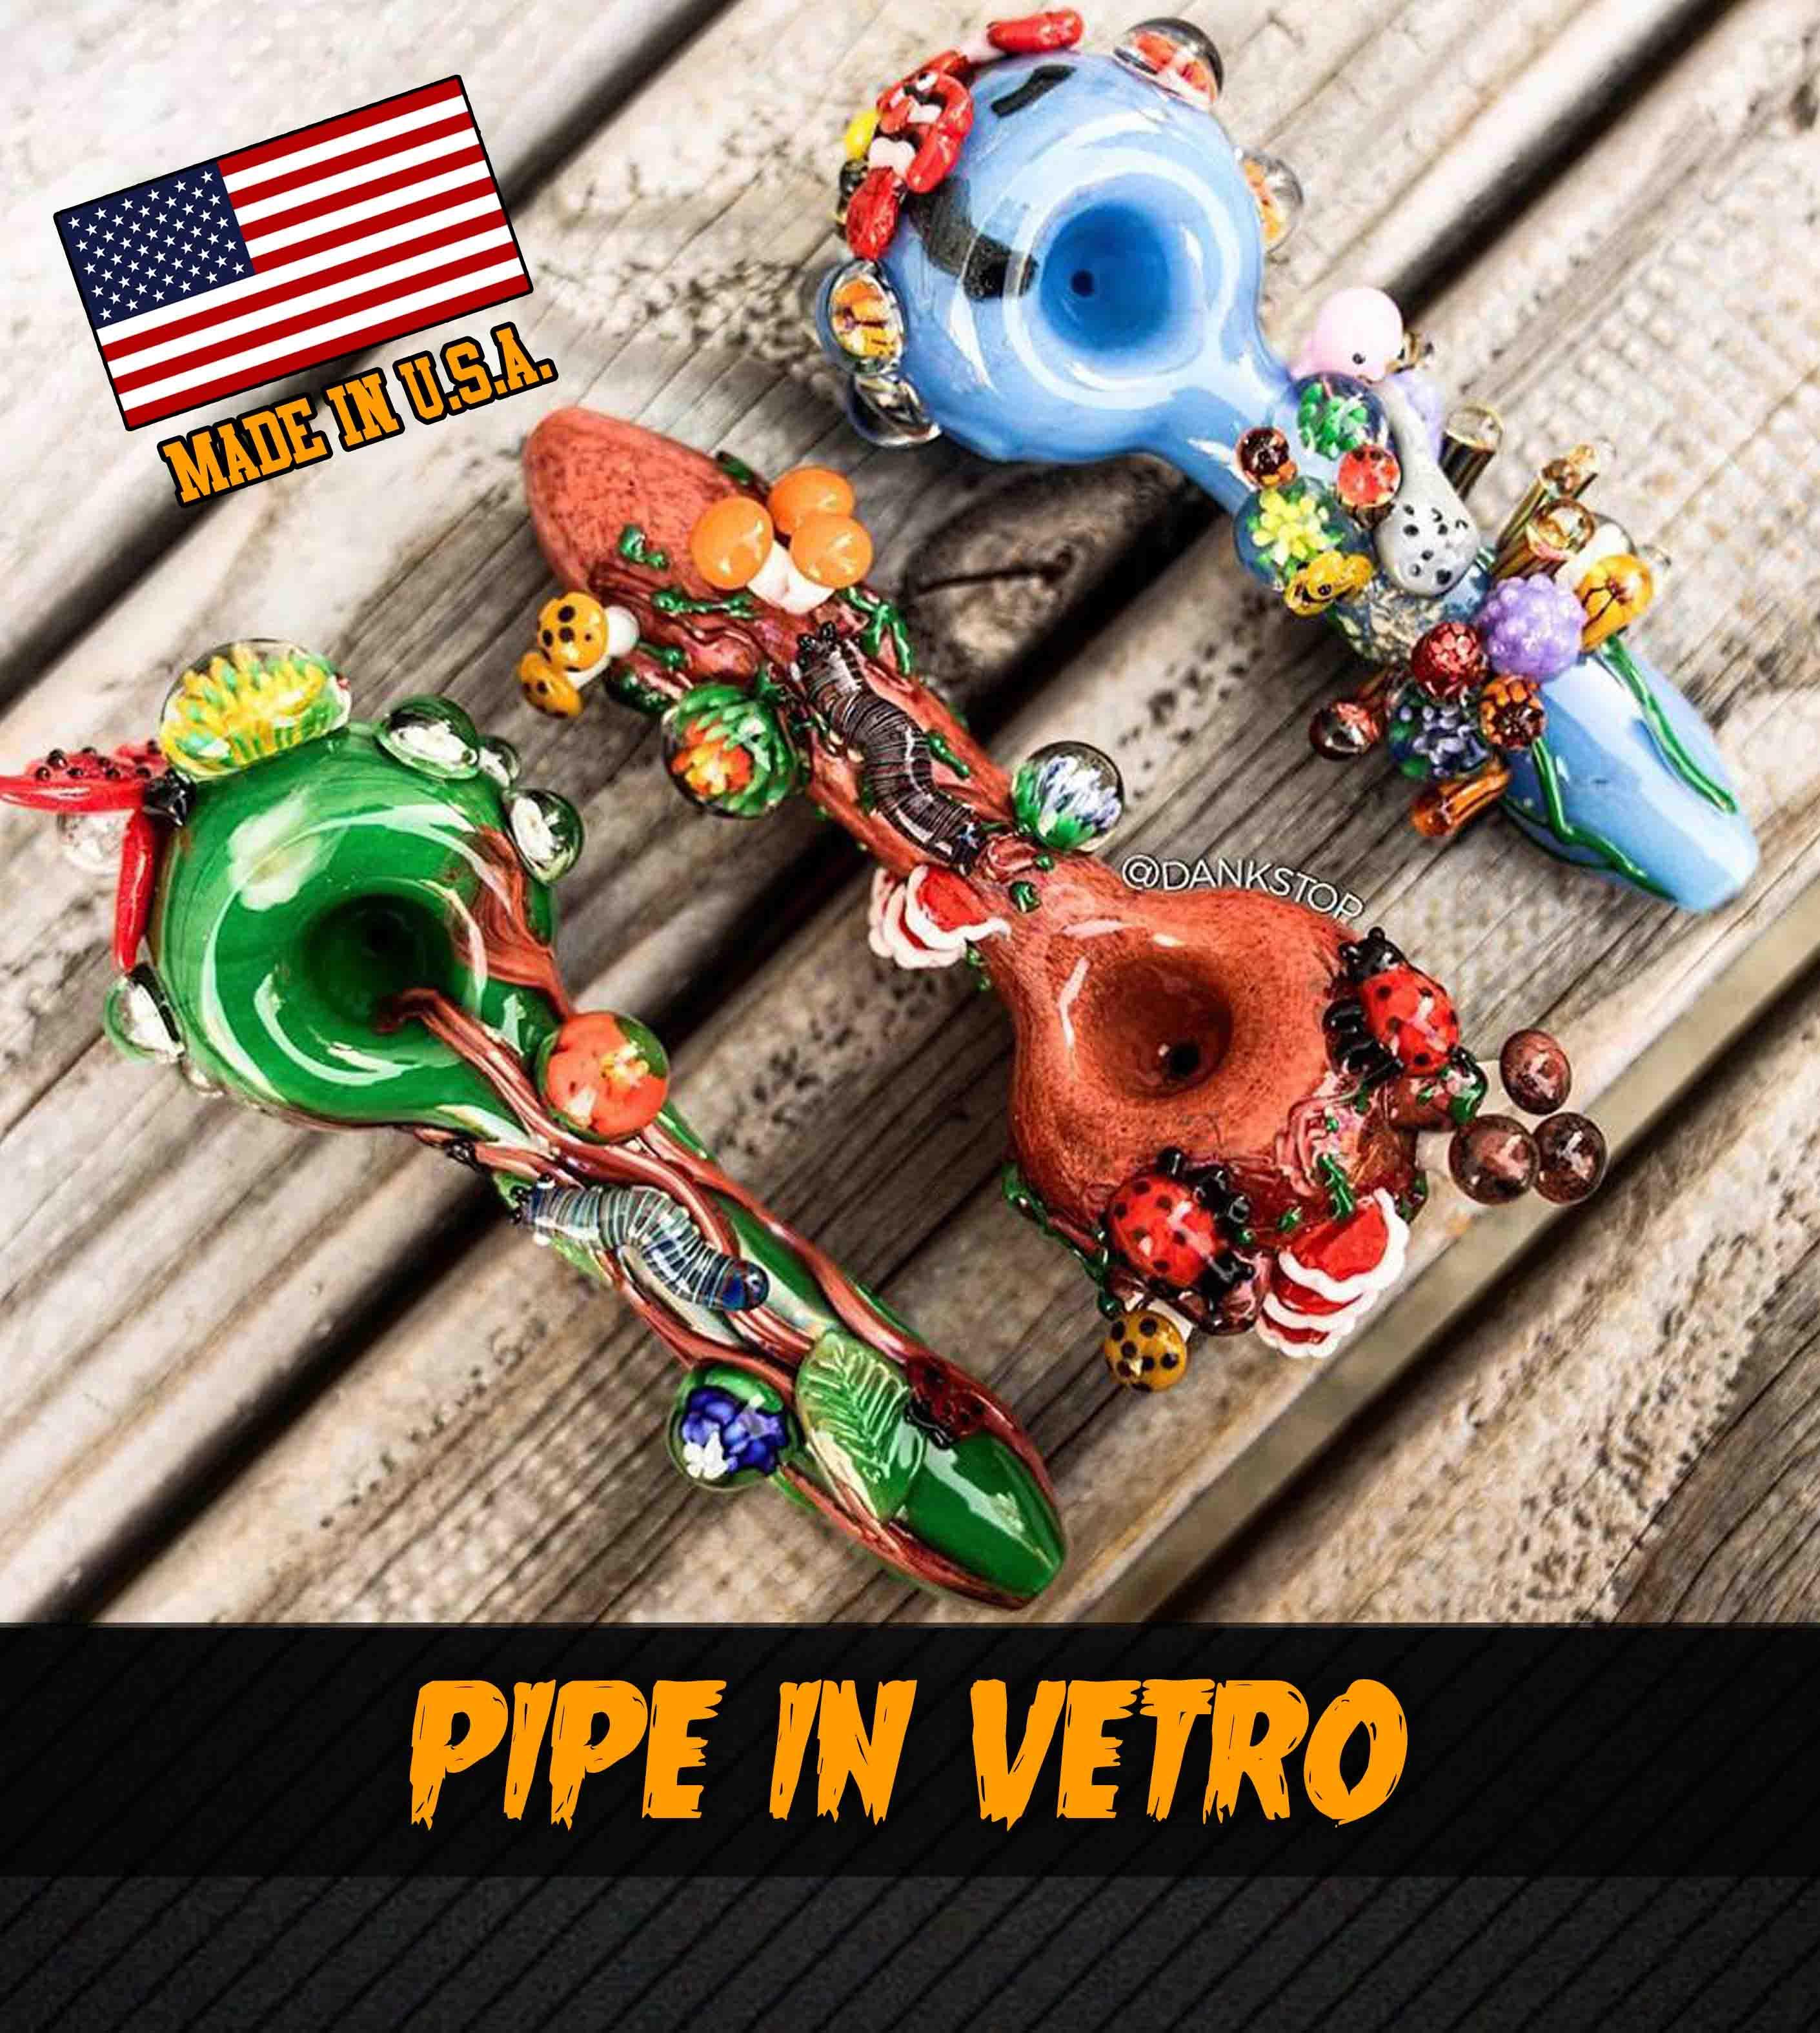 pipe made in u.s.a.